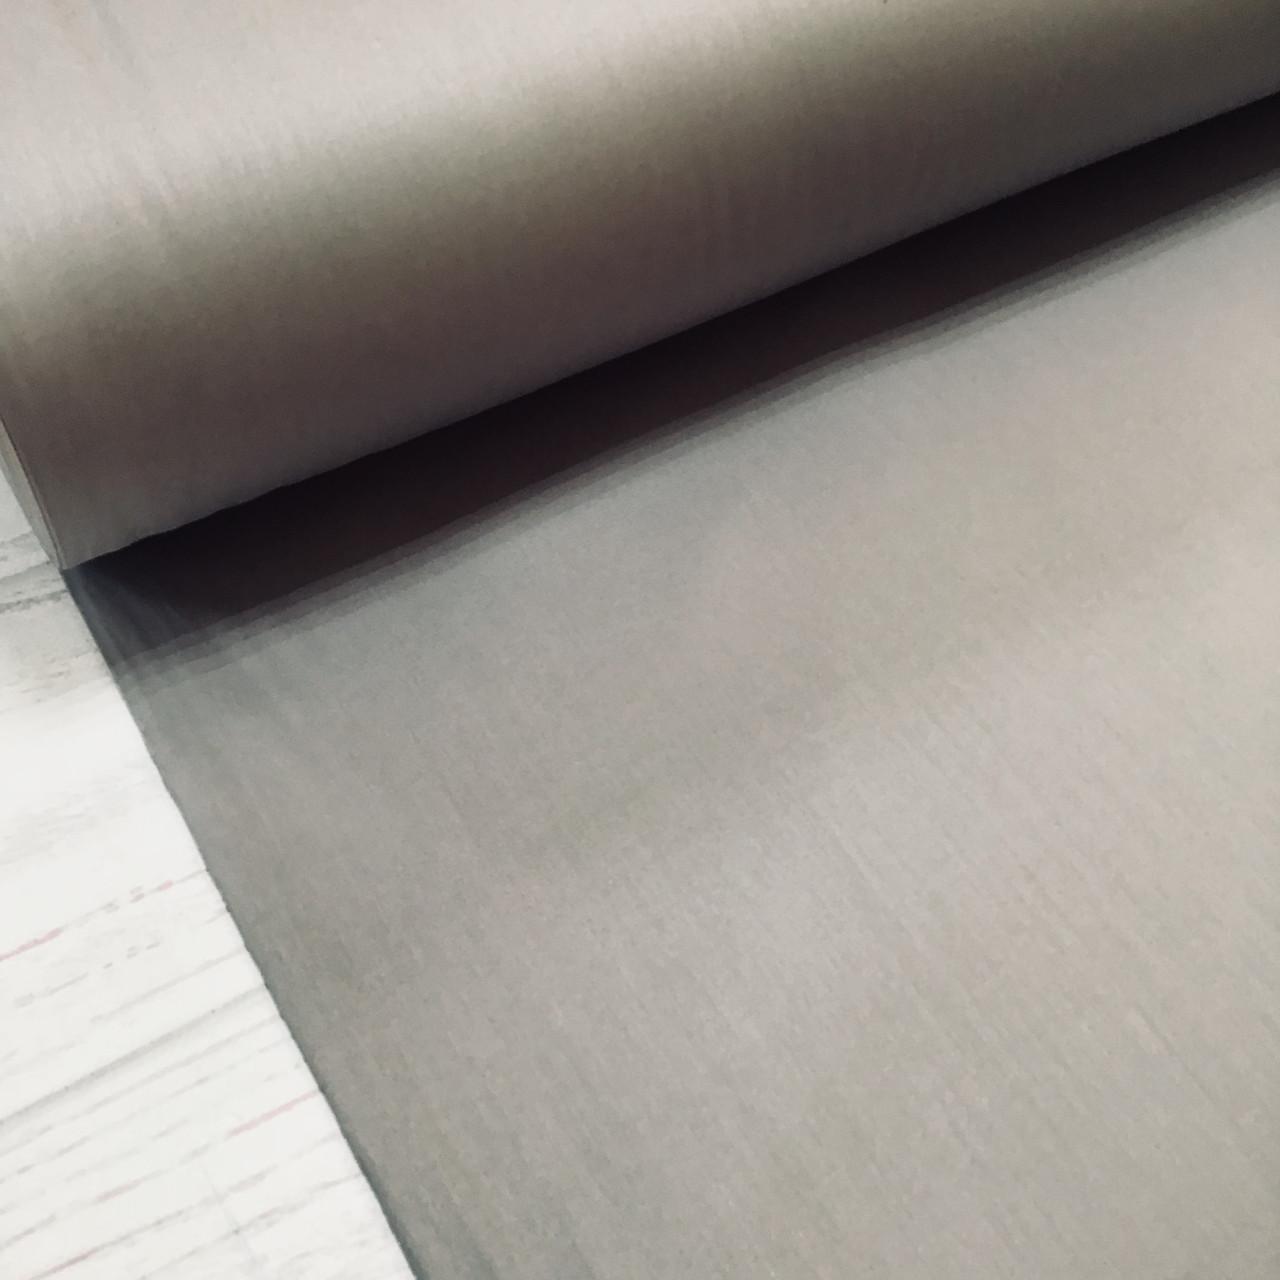 Сатин темно-серый для постельного белья, мерсеризованный (ТУРЦИЯ шир. 2,4 м) №31-50s